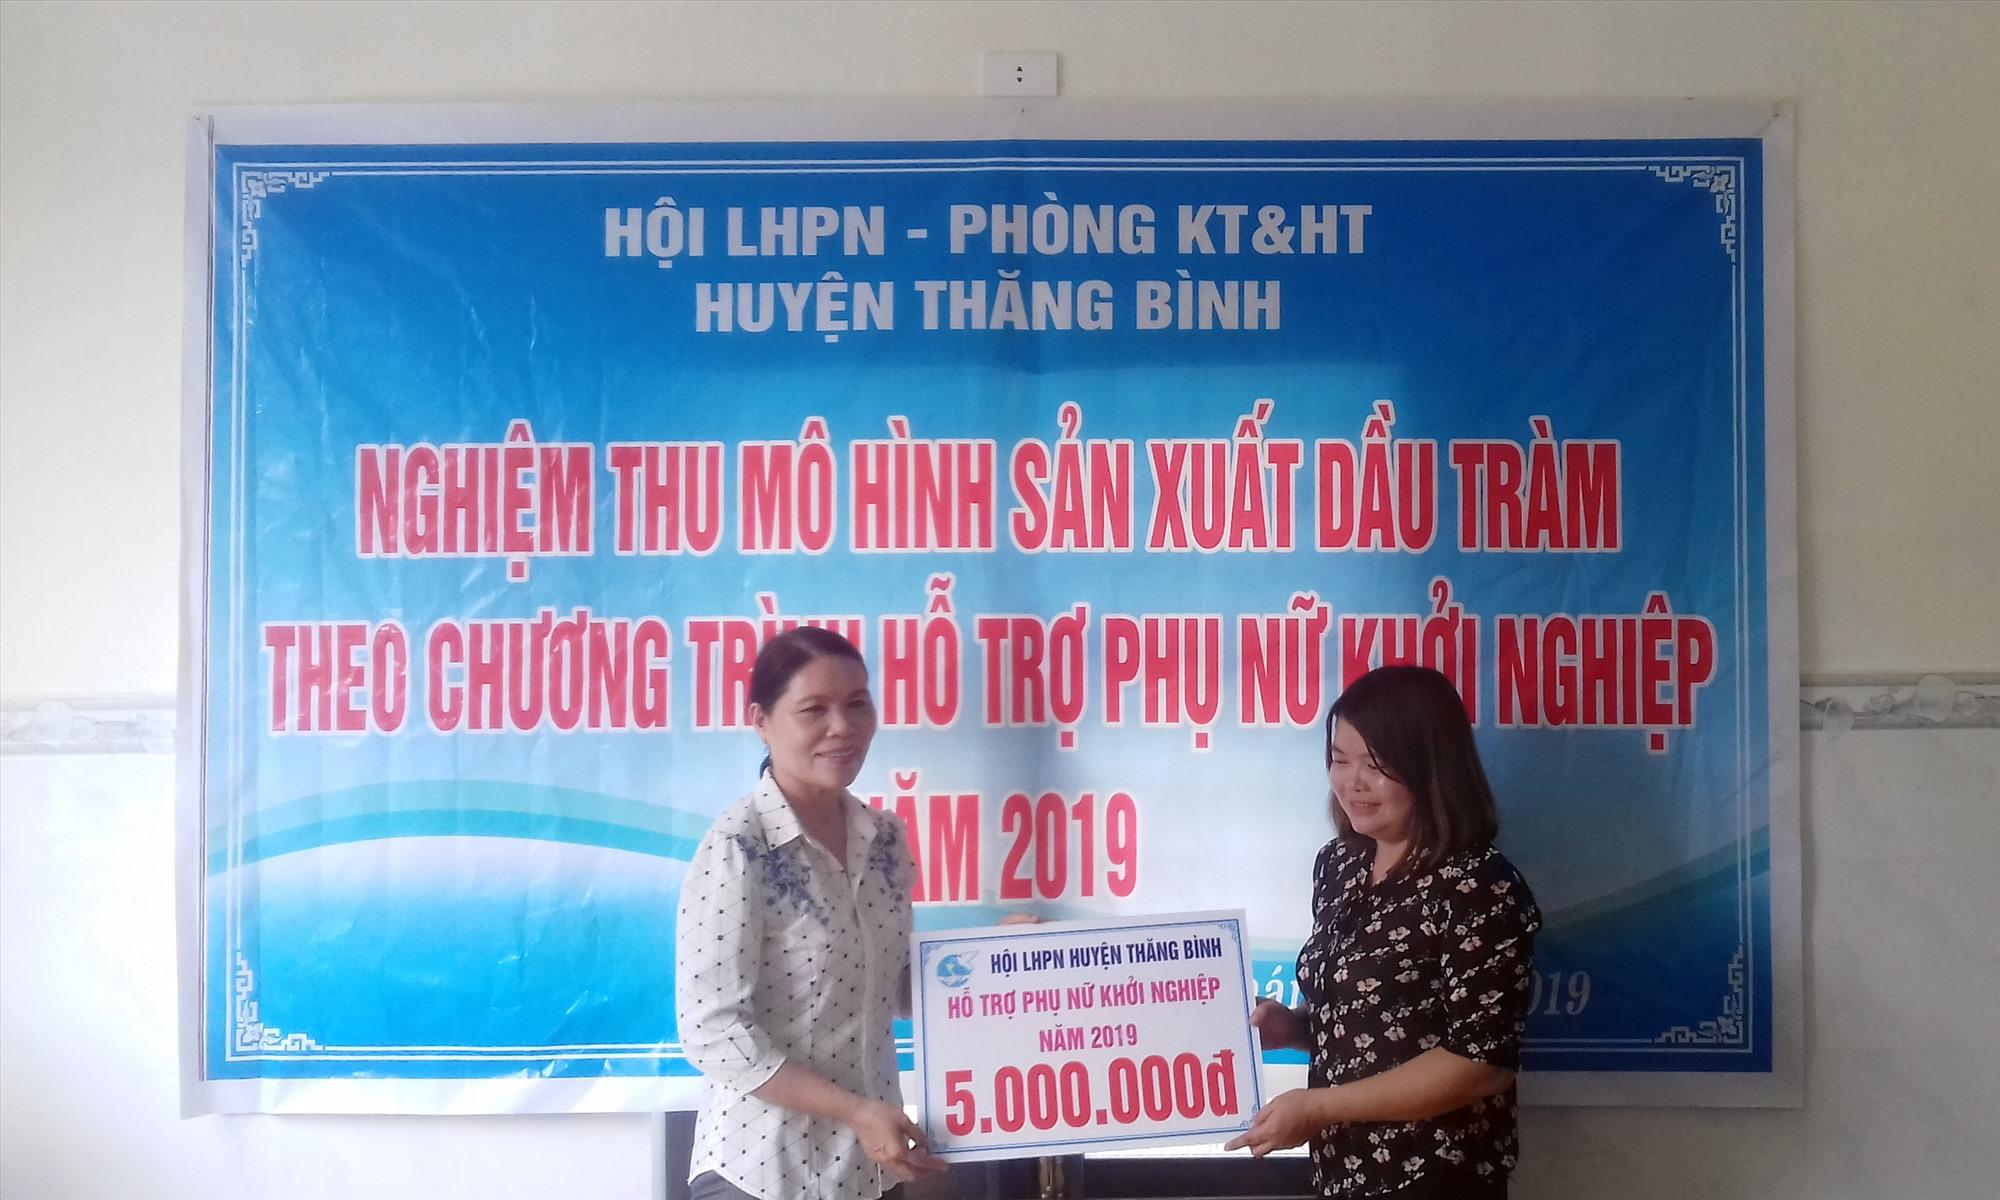 Cô gái Bình Sa khởi nghiệp từ sản phẩm tinh dầu tràm.